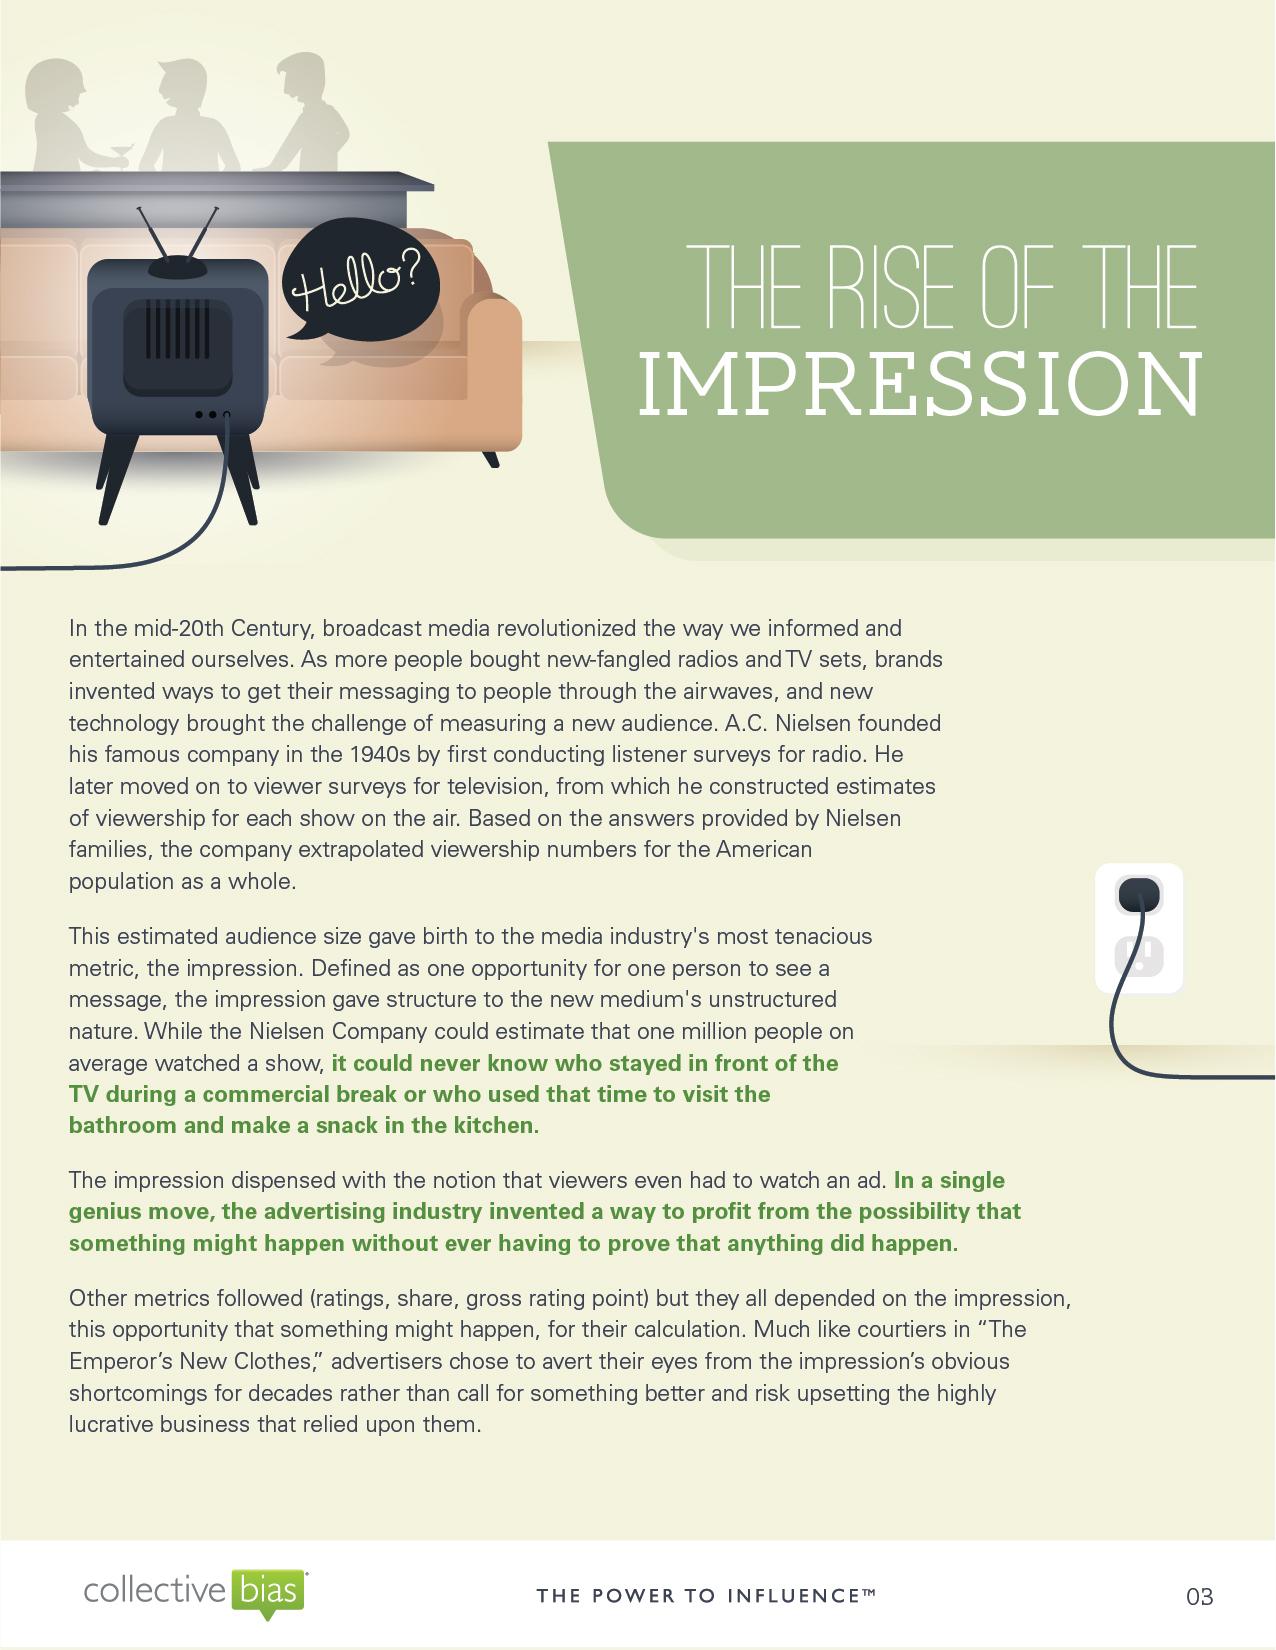 WhyIQuitBigImpressions-04.jpg